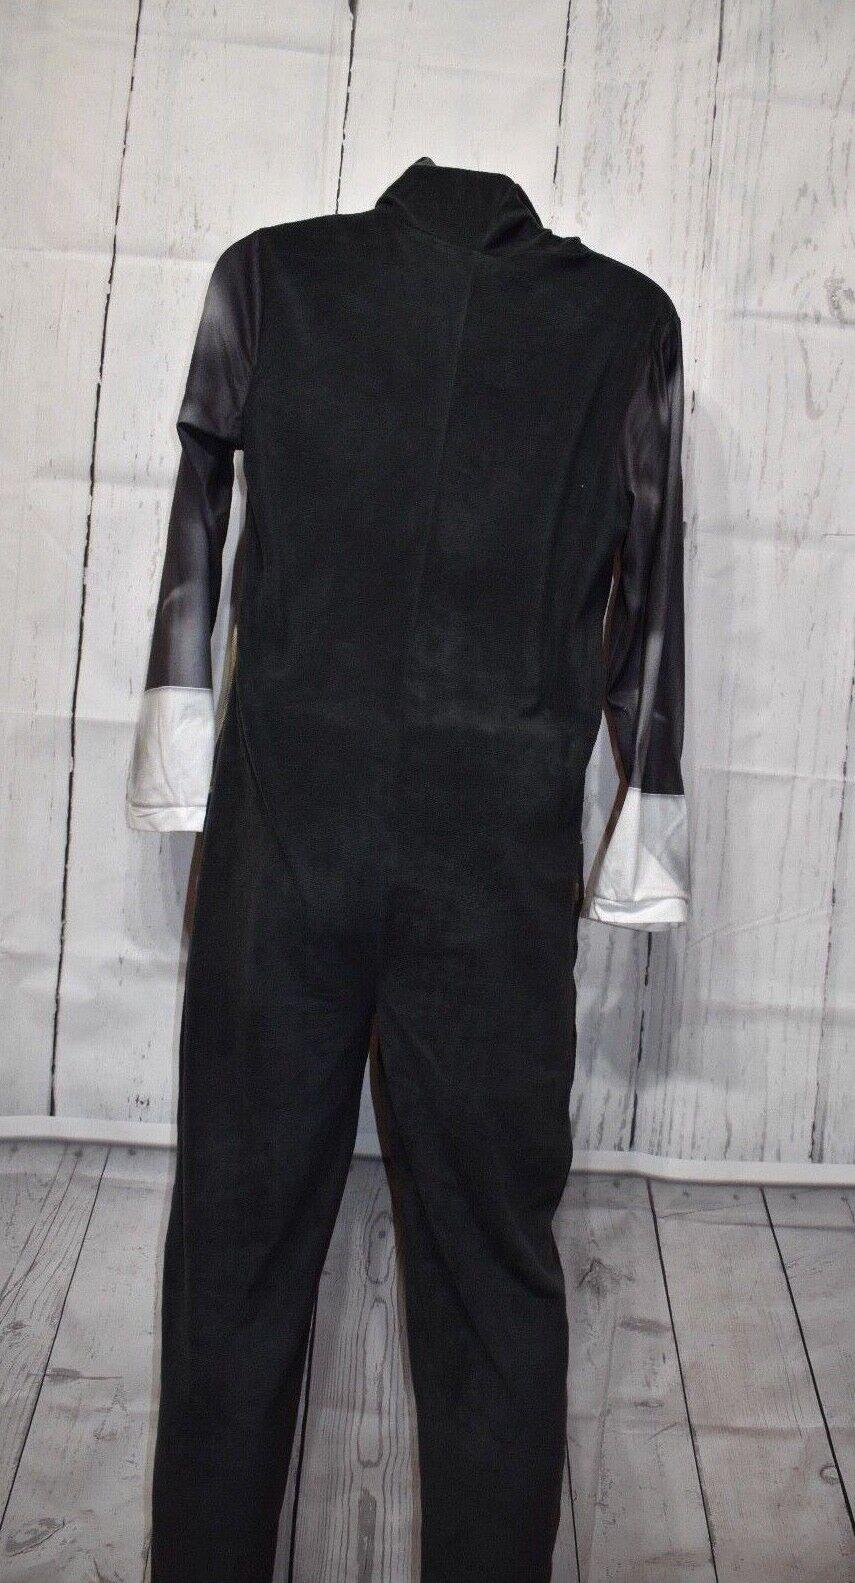 Briefly Stated $125 BLACK JUMPSUIT MEN SZ XL Punisher COSTUME Sleepwear SALE L15